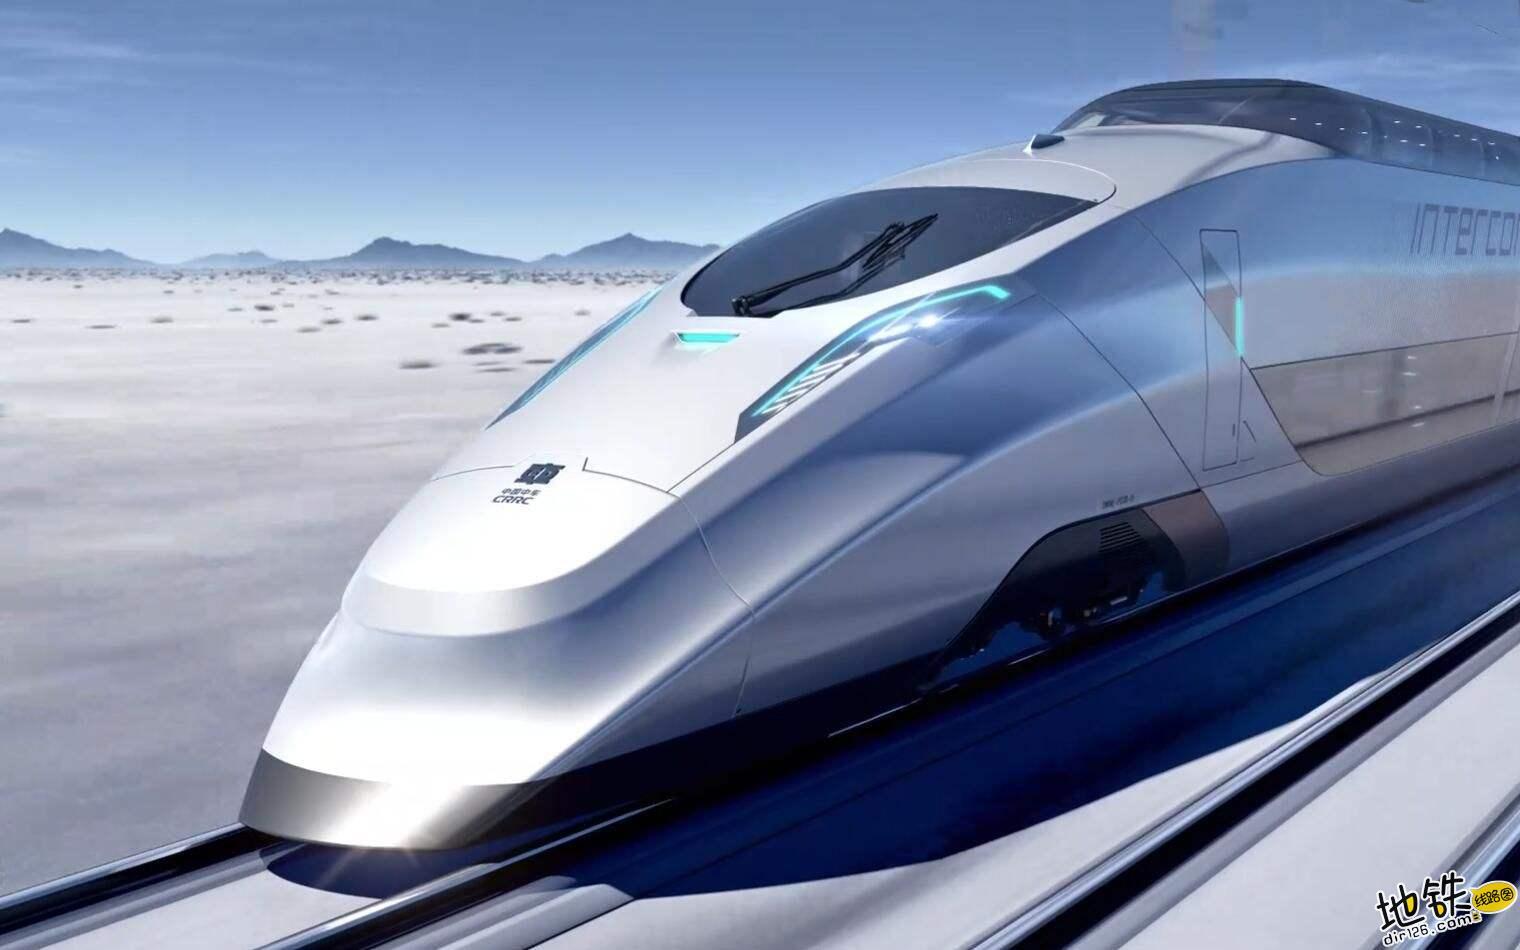 洲际概念高铁列车首次在国内展出 最低时速400公里 互联互通 列车 中国中车 洲际高铁 轨道动态  第1张